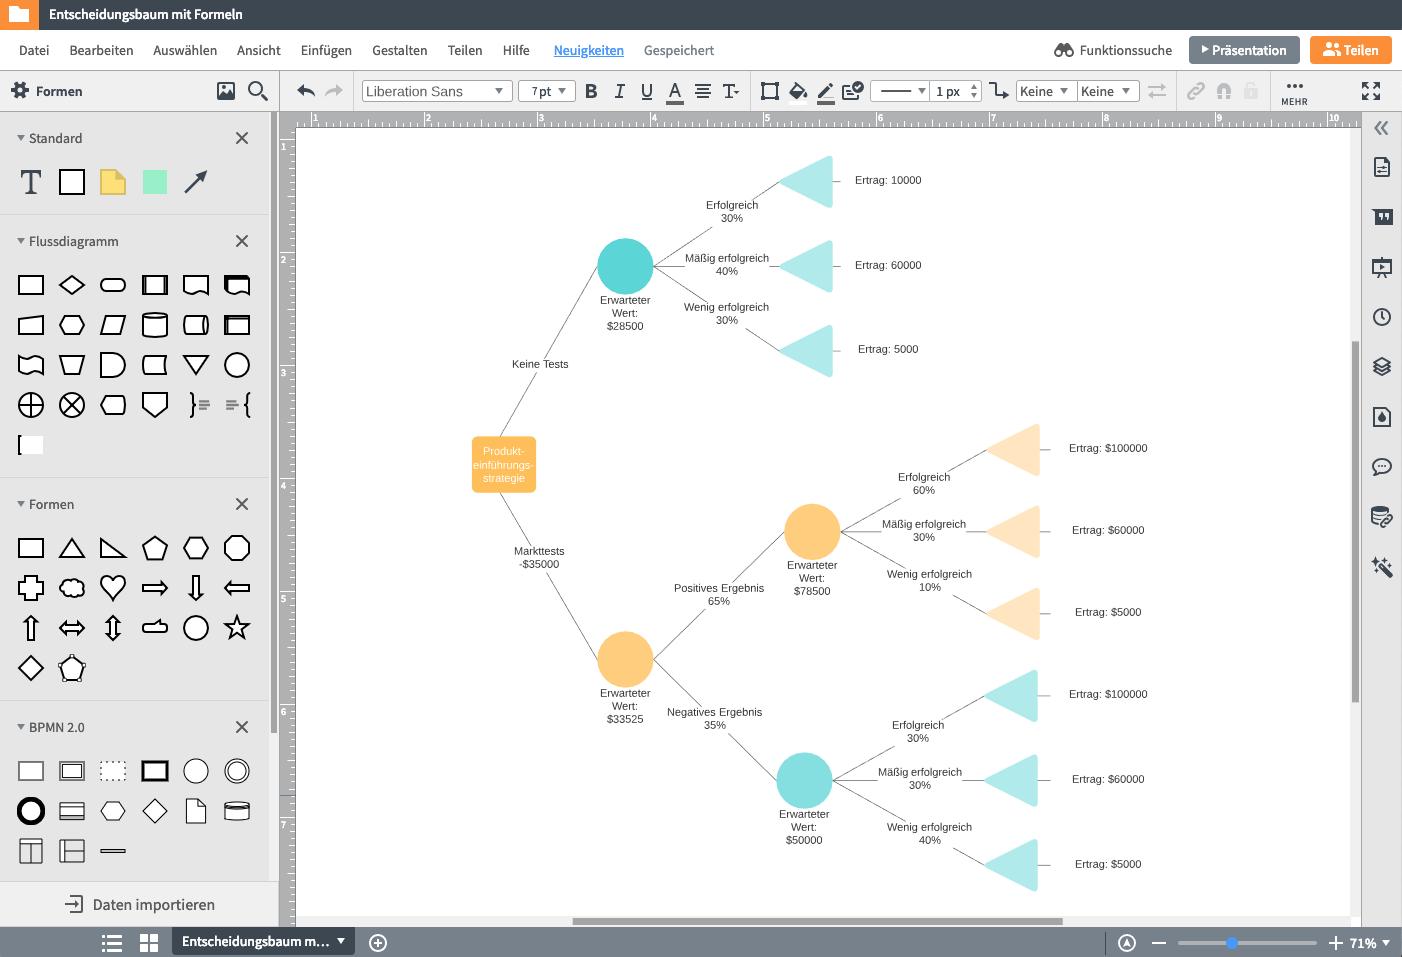 Entscheidungsbaum tool